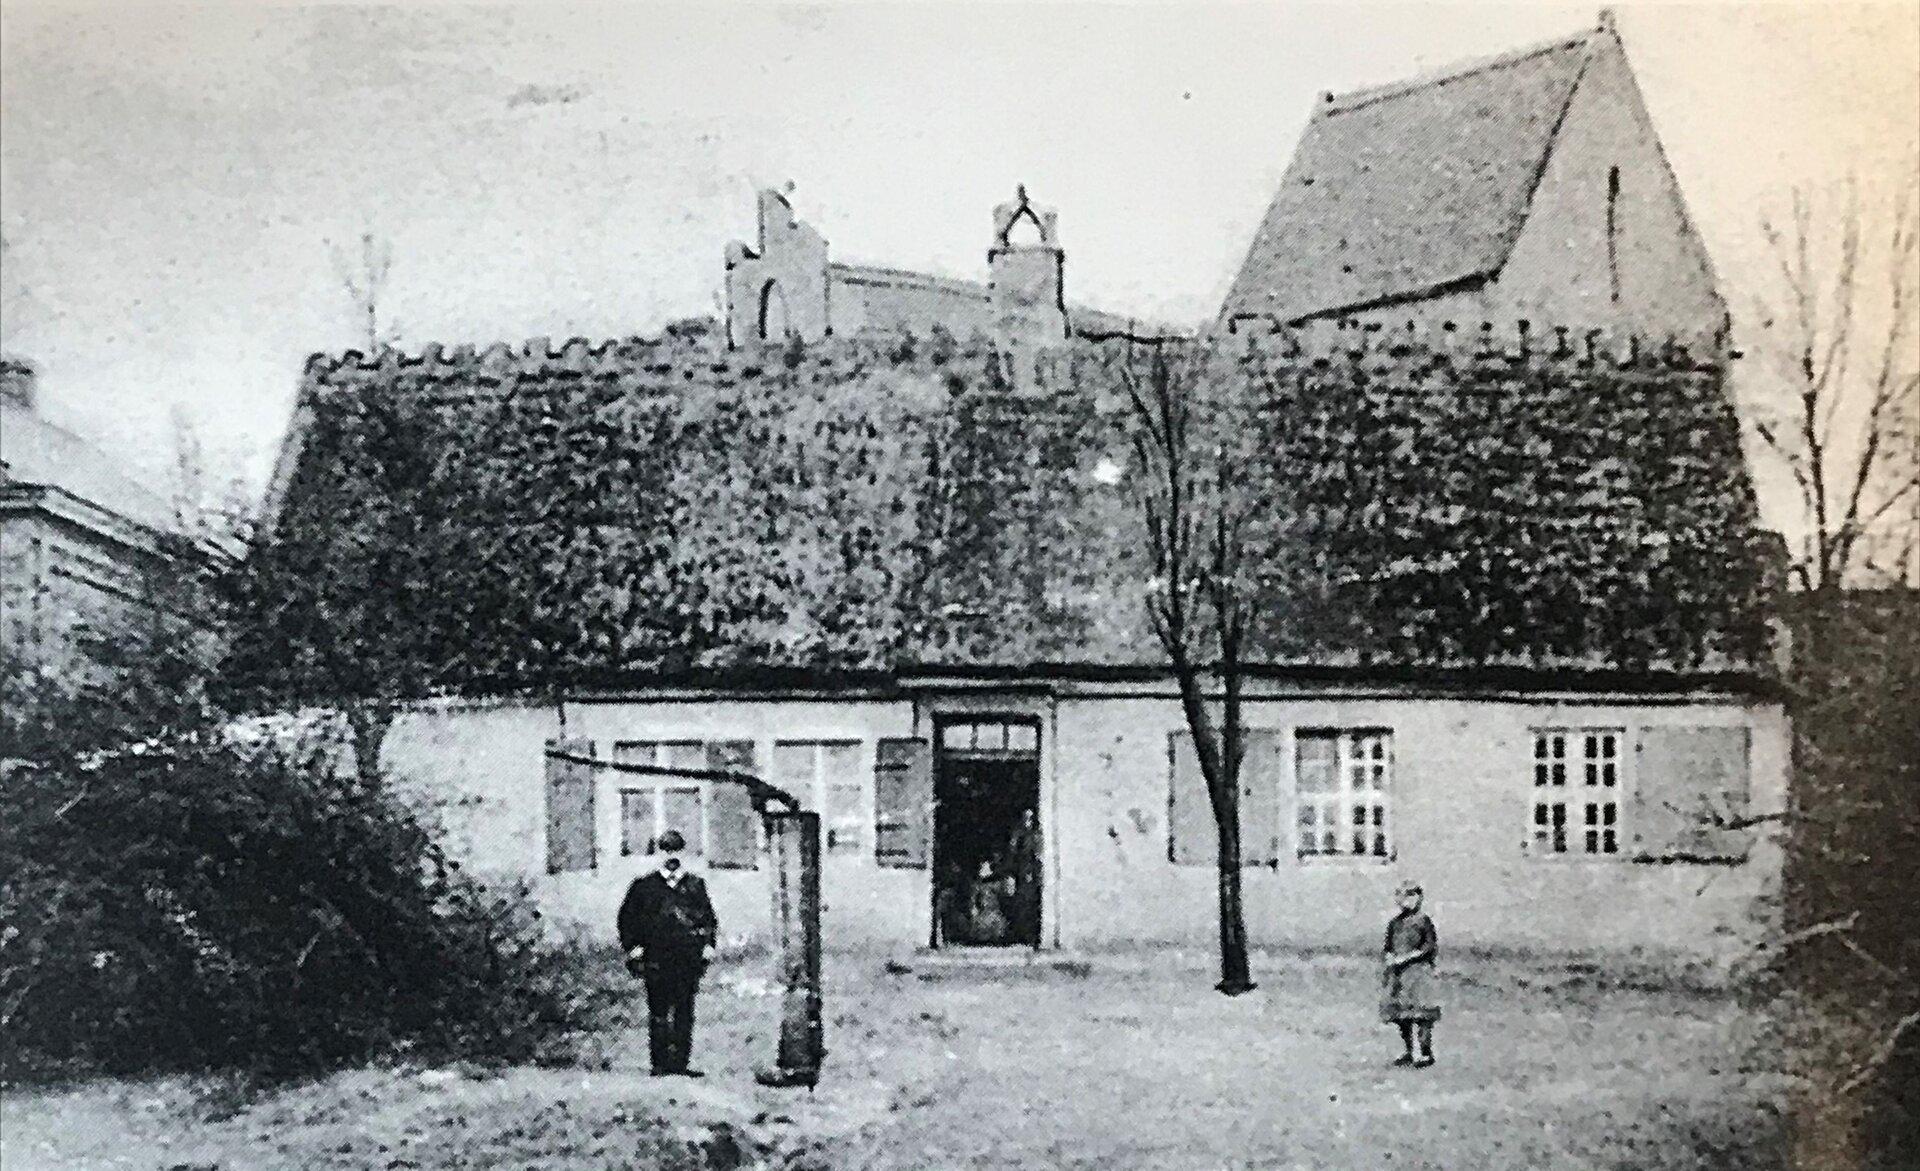 Unser Bild zeigt die Alte Dorfschule in Seegefeld (Quelle Museum und Galerie Falkensee).